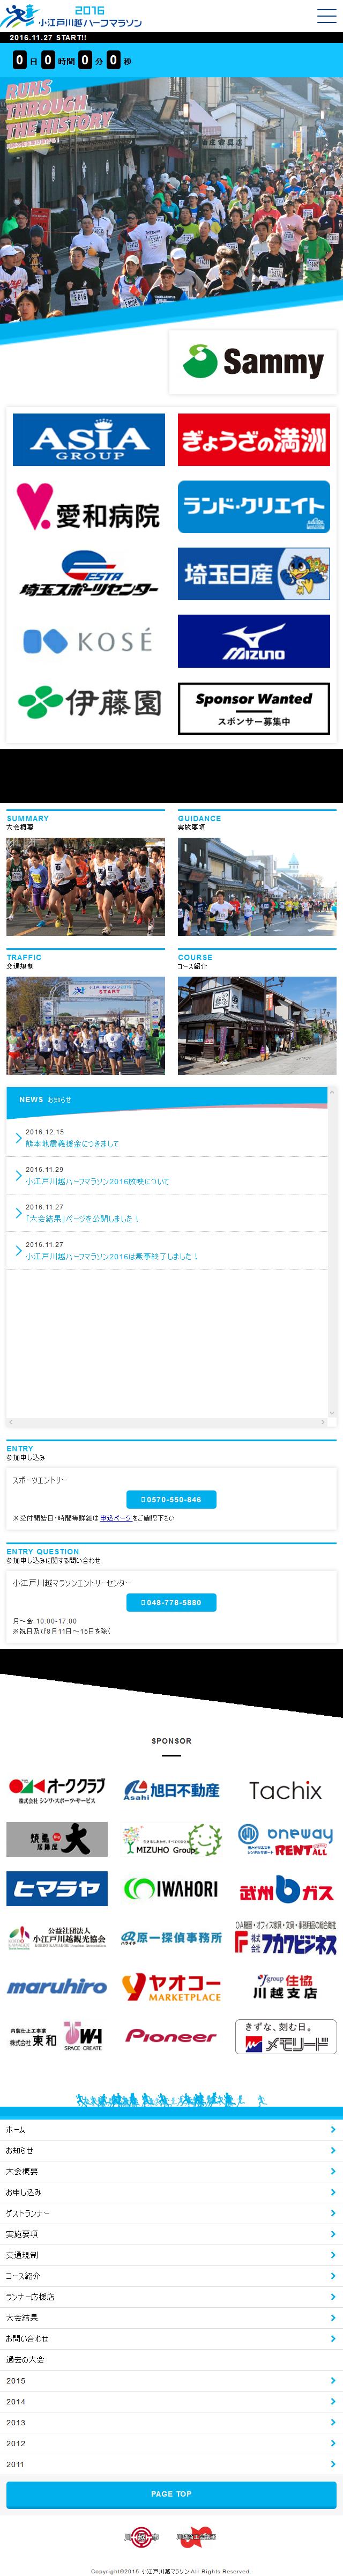 小江戸川越ハーフマラソン様公式ホームページ_スマホ表示